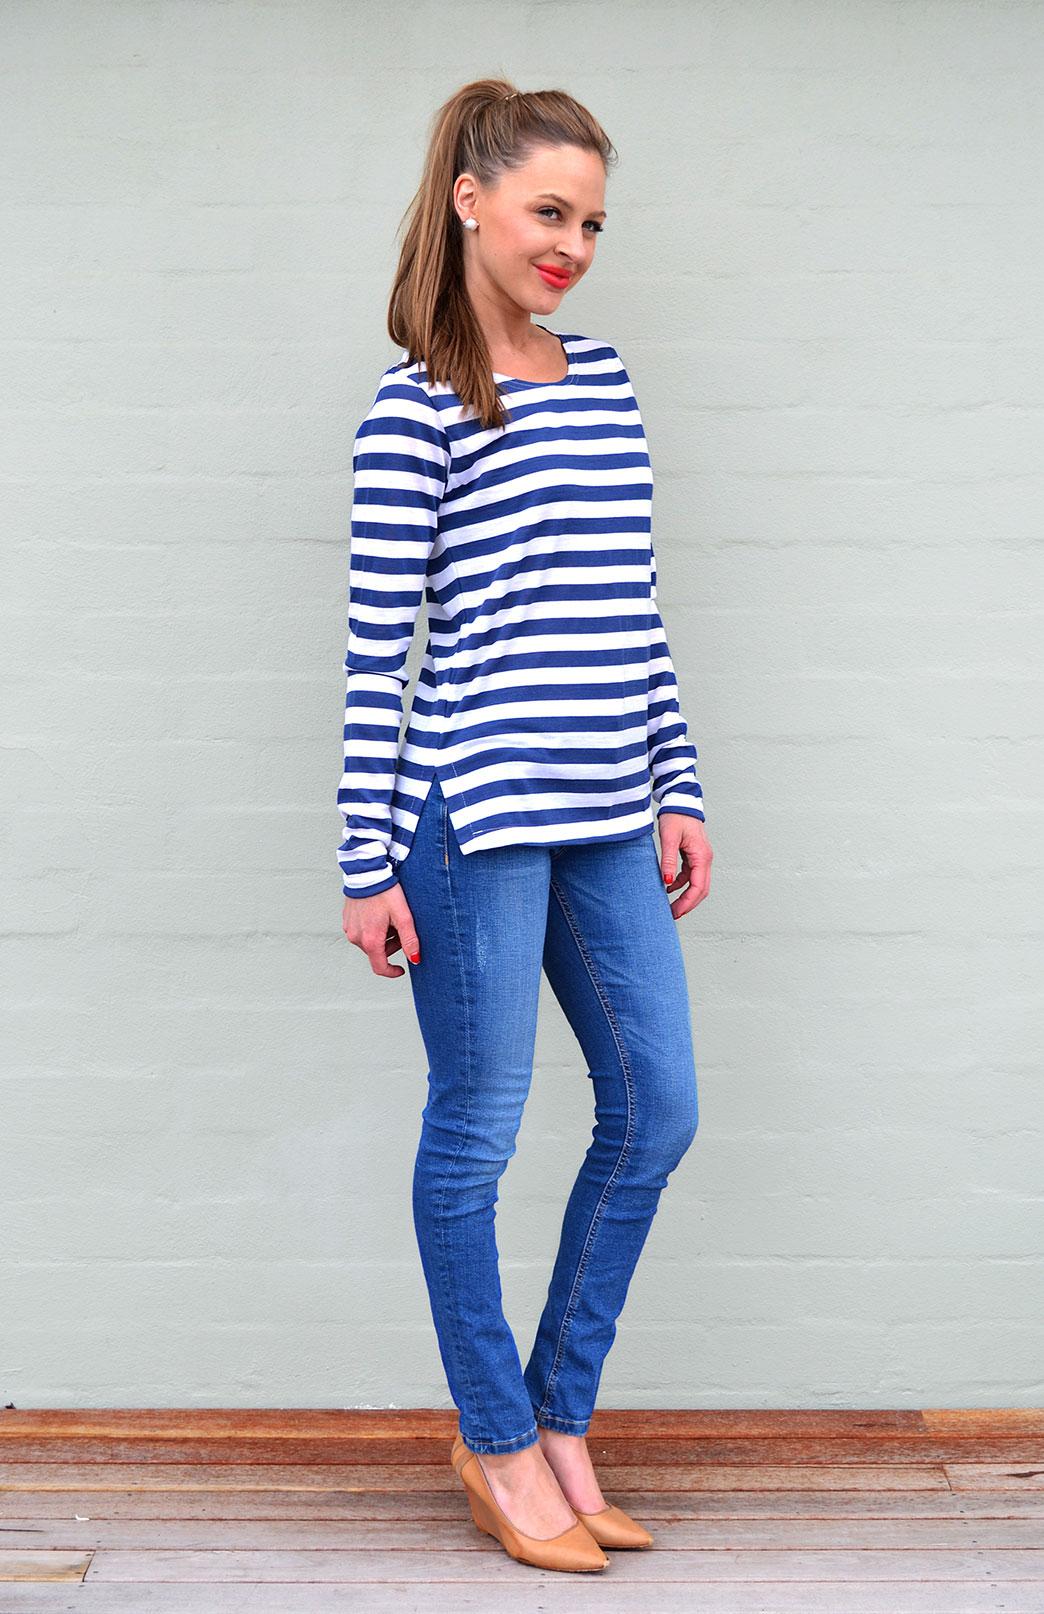 Lucy Top - Women's Long Sleeve Striped Wool Top - Smitten Merino Tasmania Australia